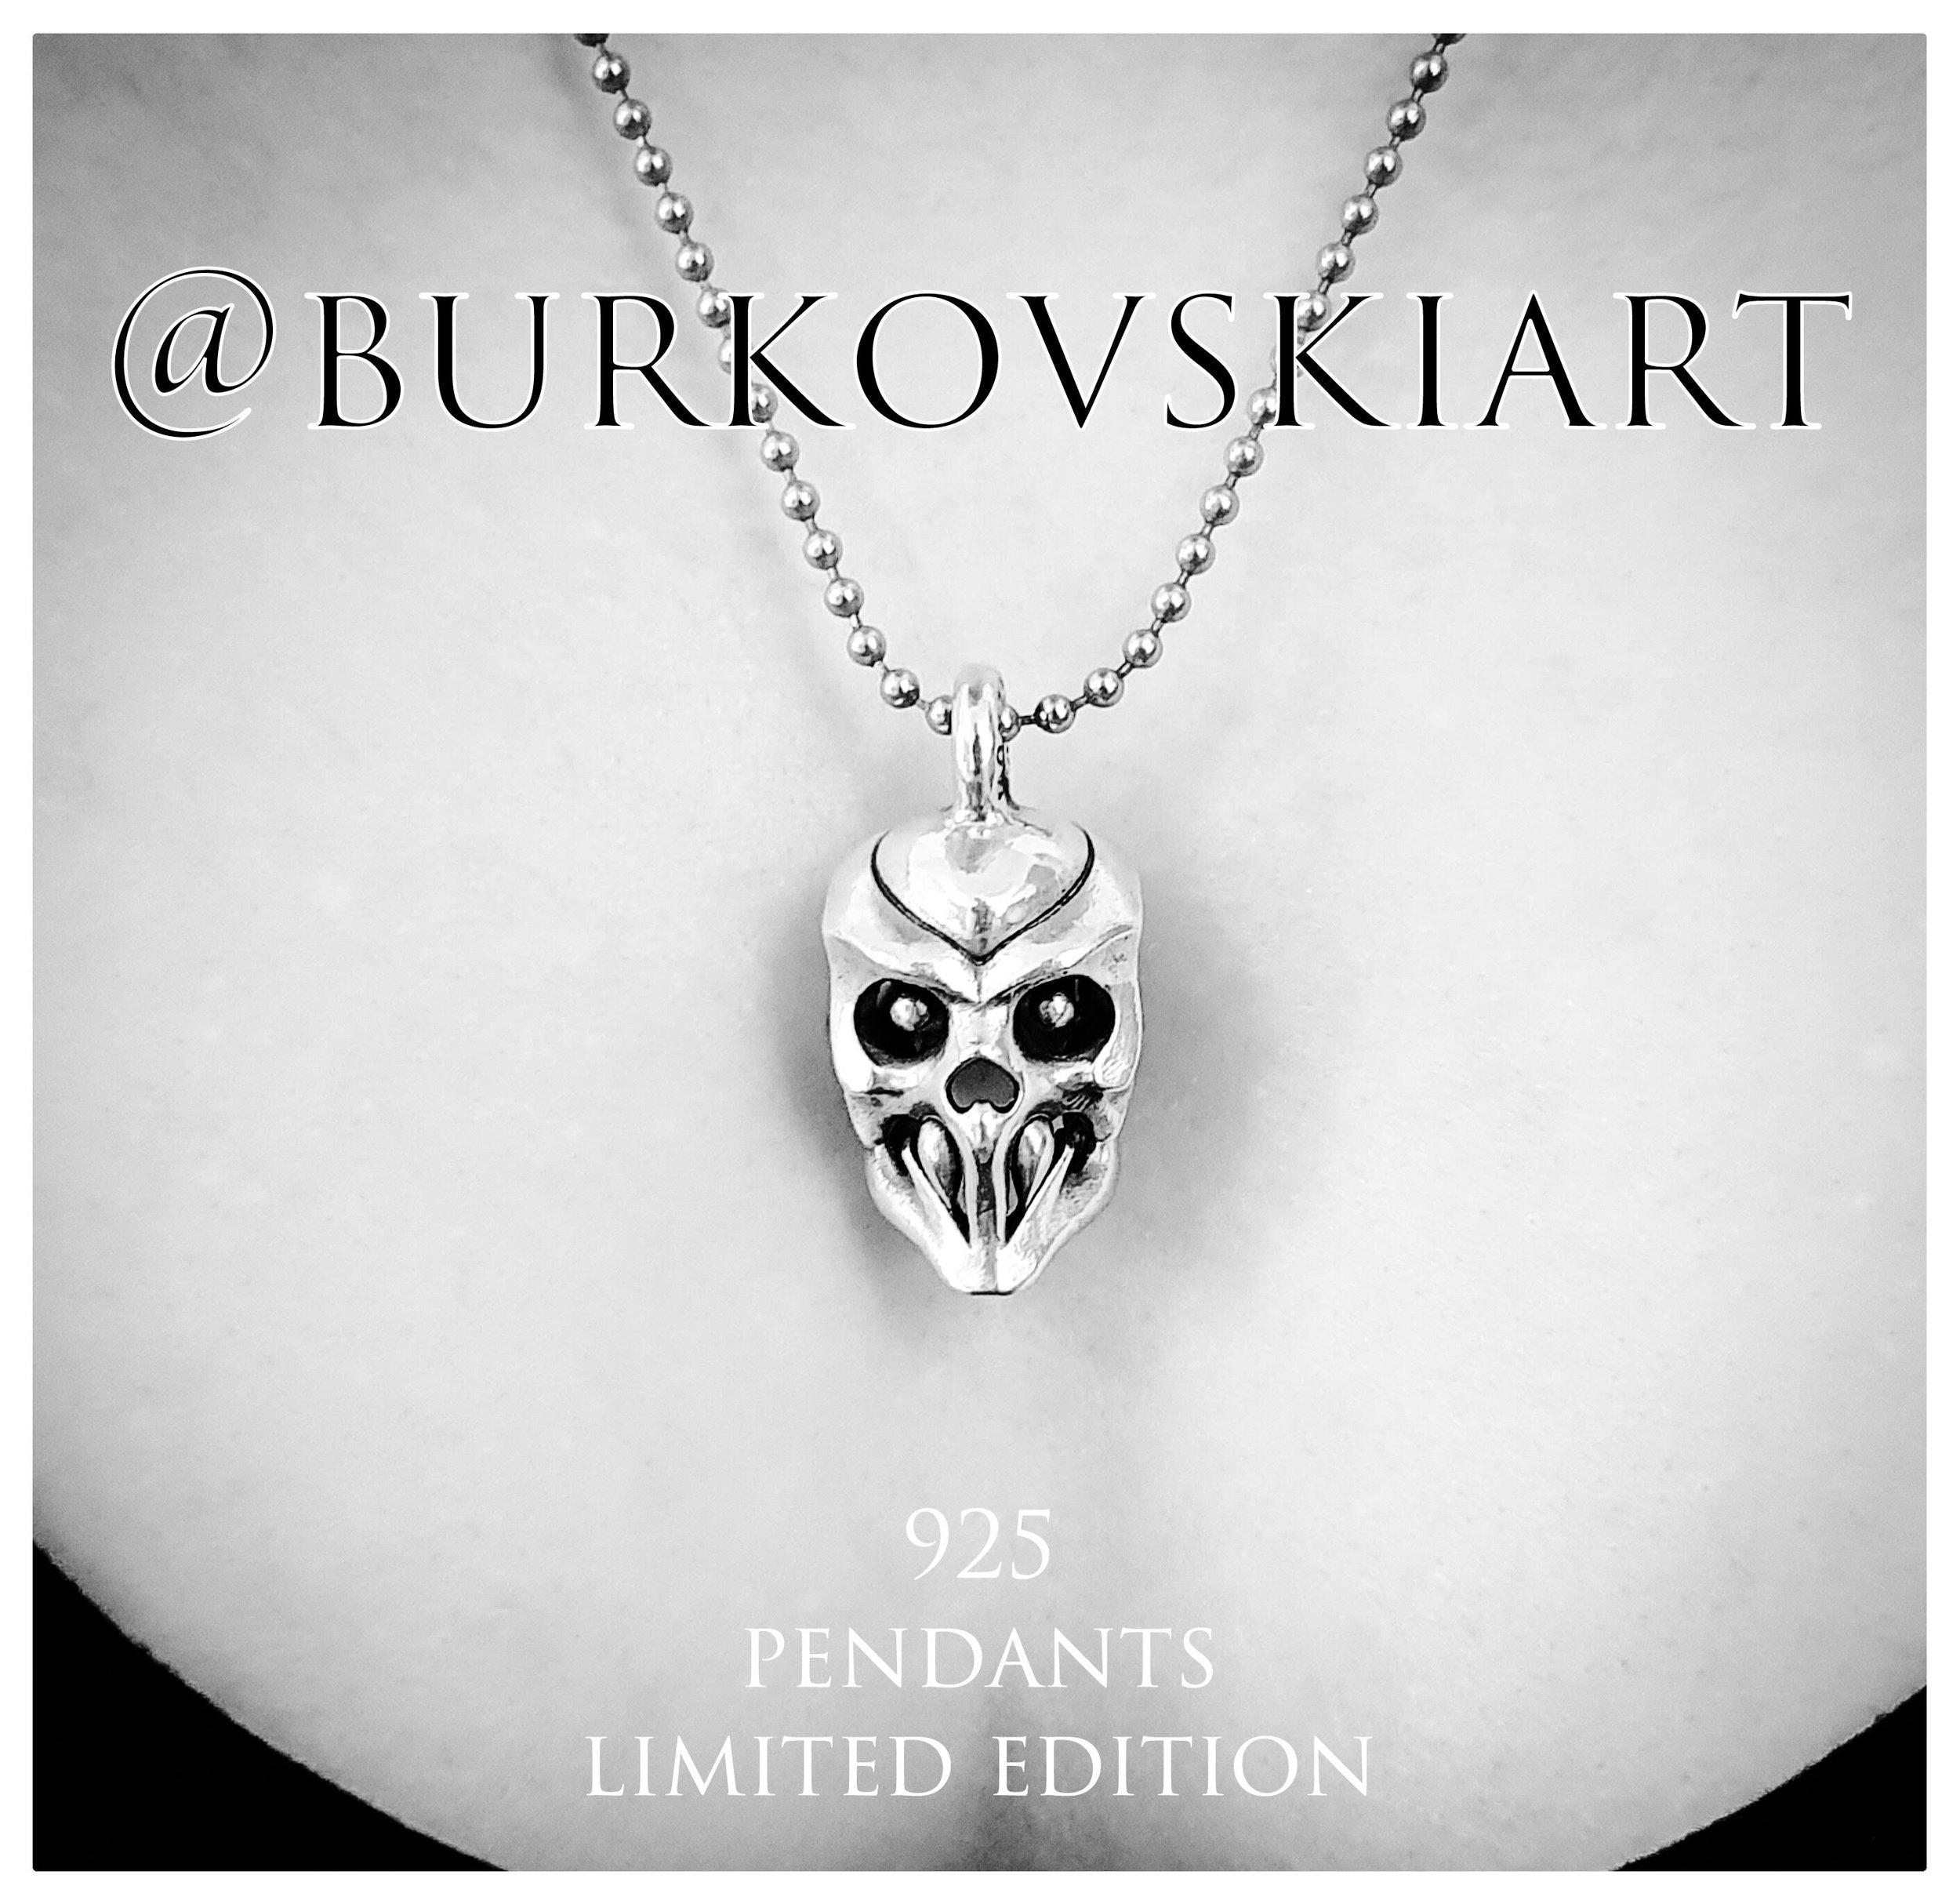 burkovski-4.jpg